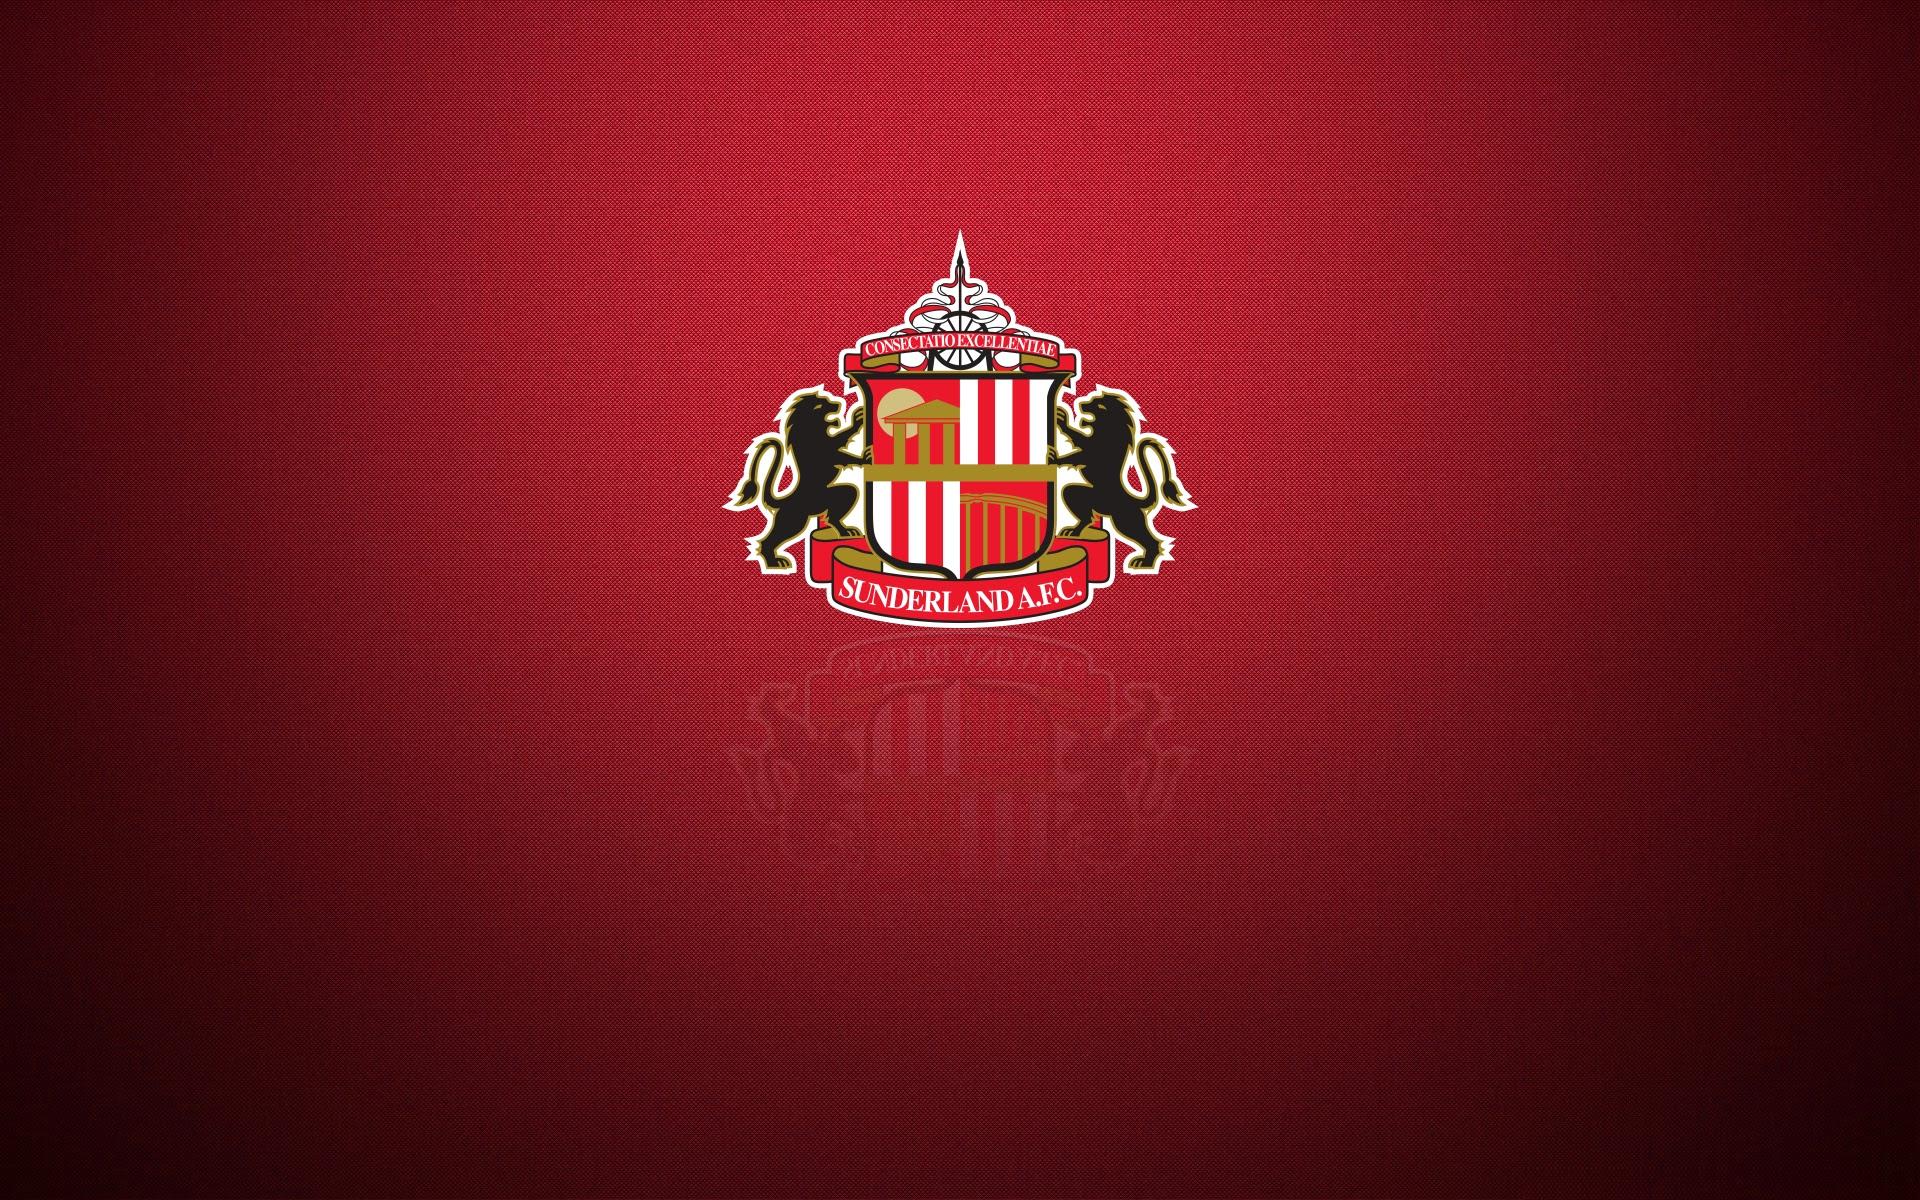 Sunderland Afc Logos Download